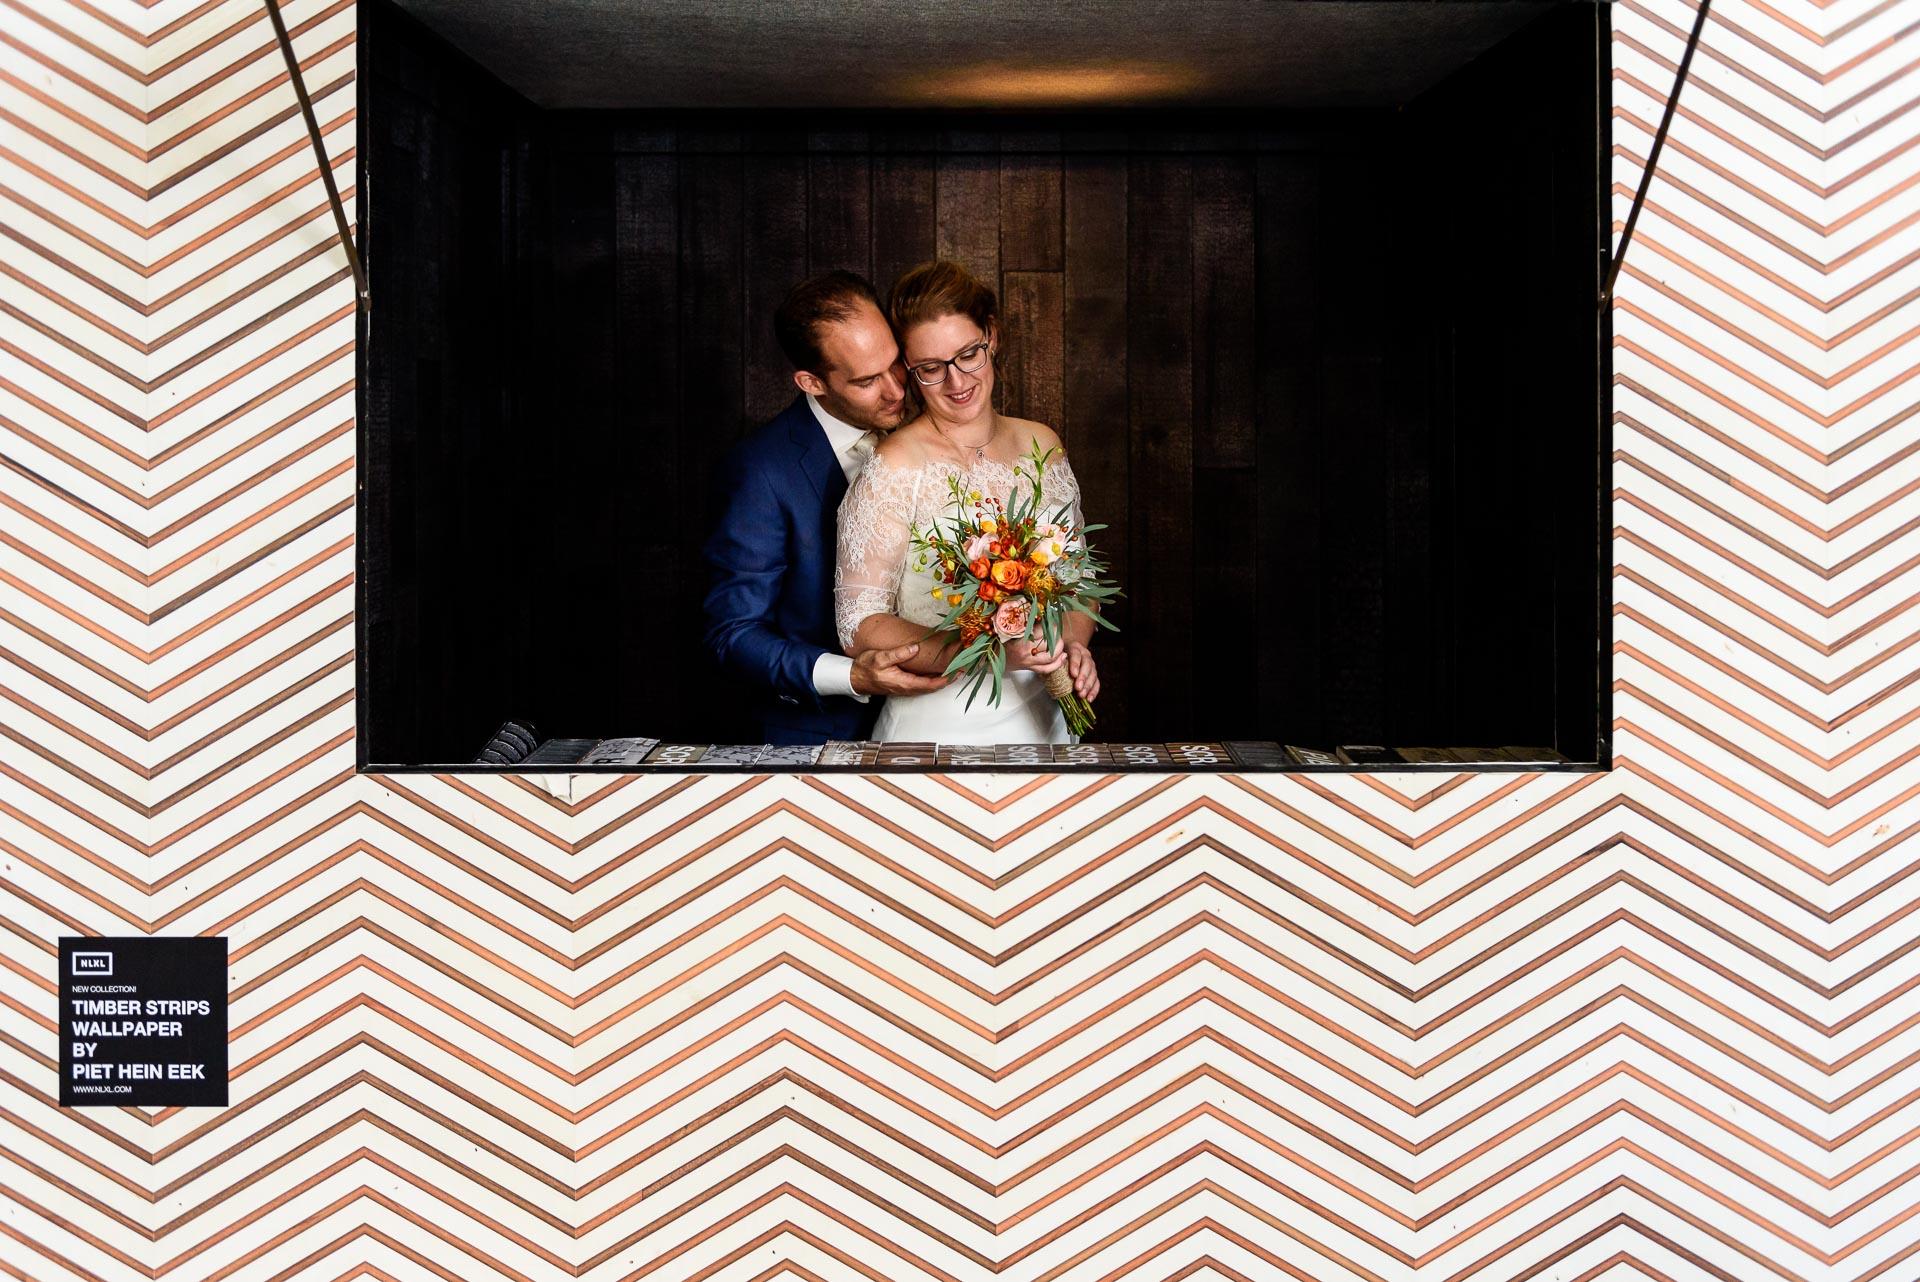 Bruidsfotografie bij Piet Hein Eek